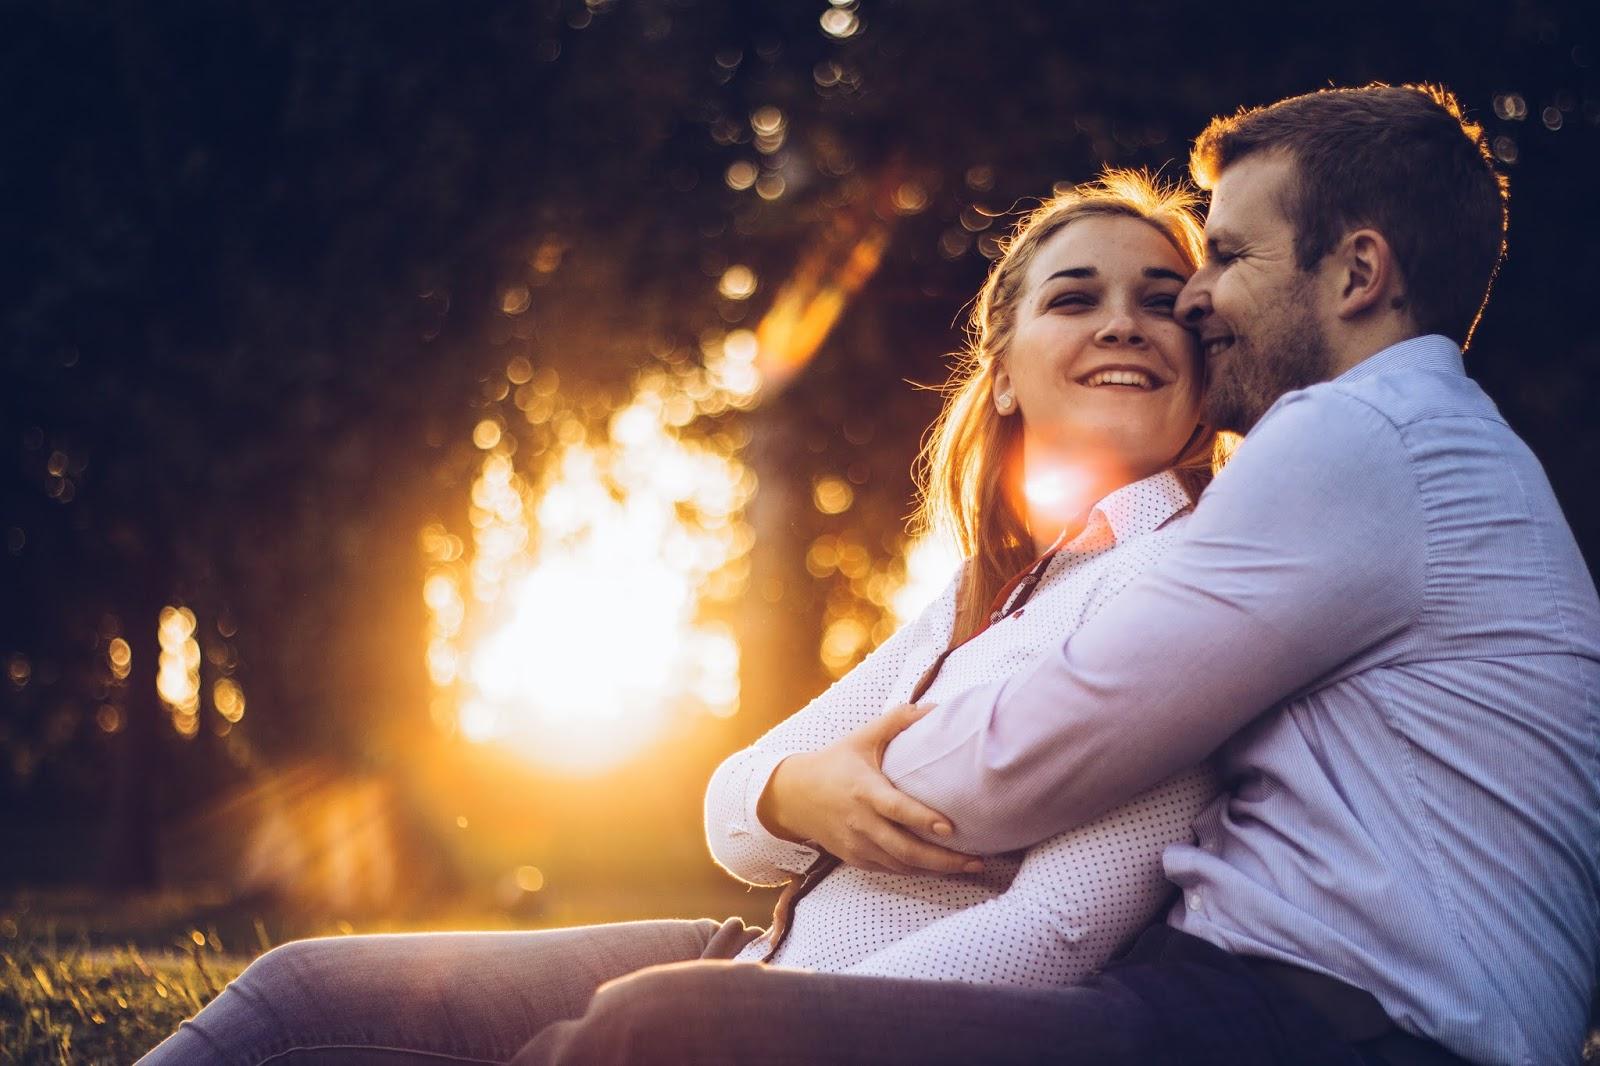 بالصور صور حب 2019 , الحب واحدث اشيائه فى 2019 4741 2